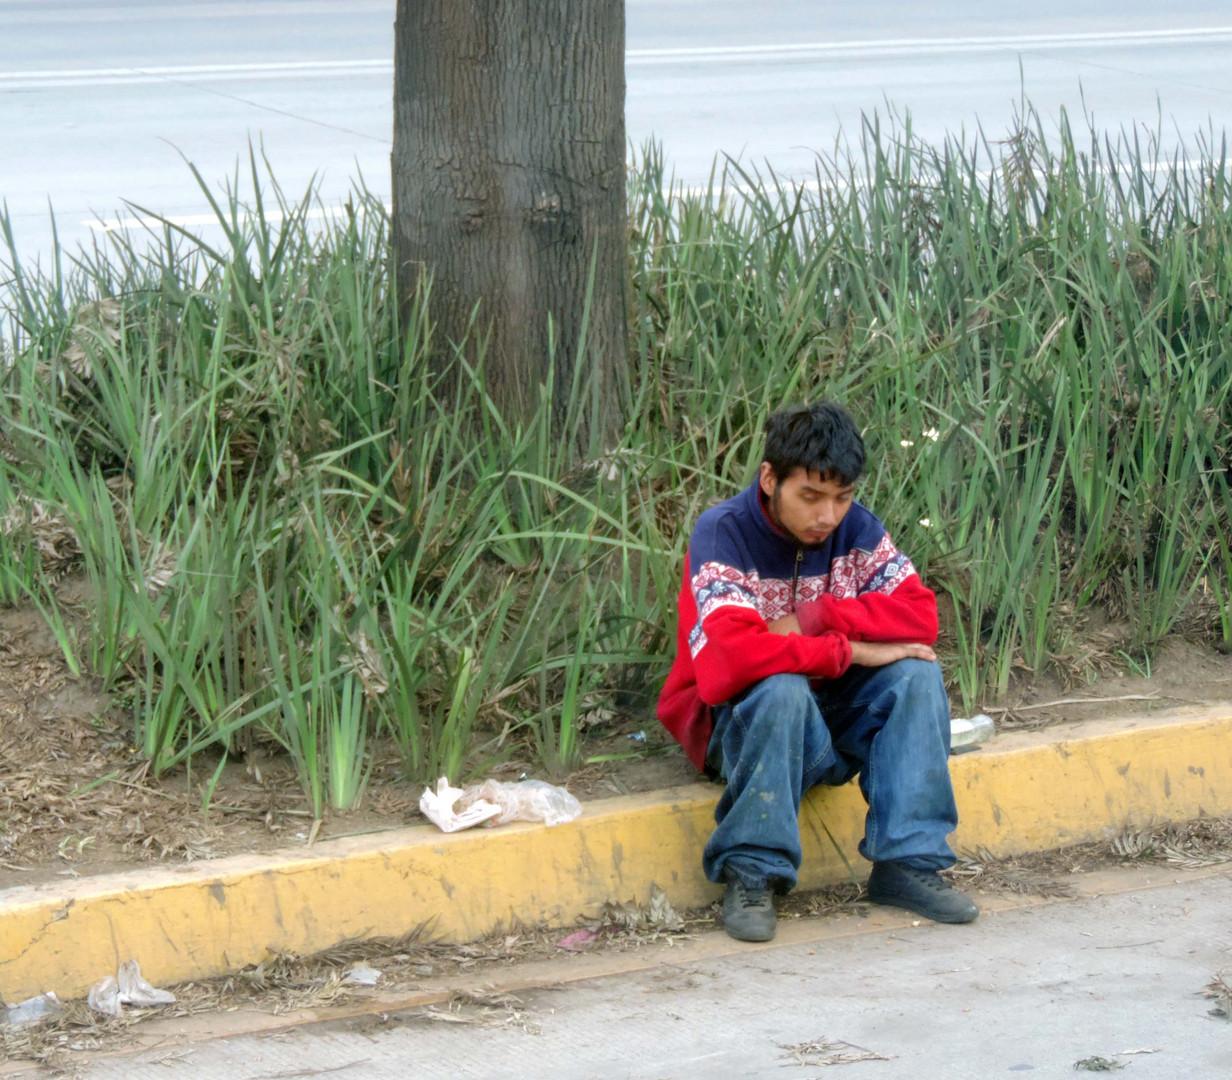 Junge an der Autobahn. Estado de Veracruz